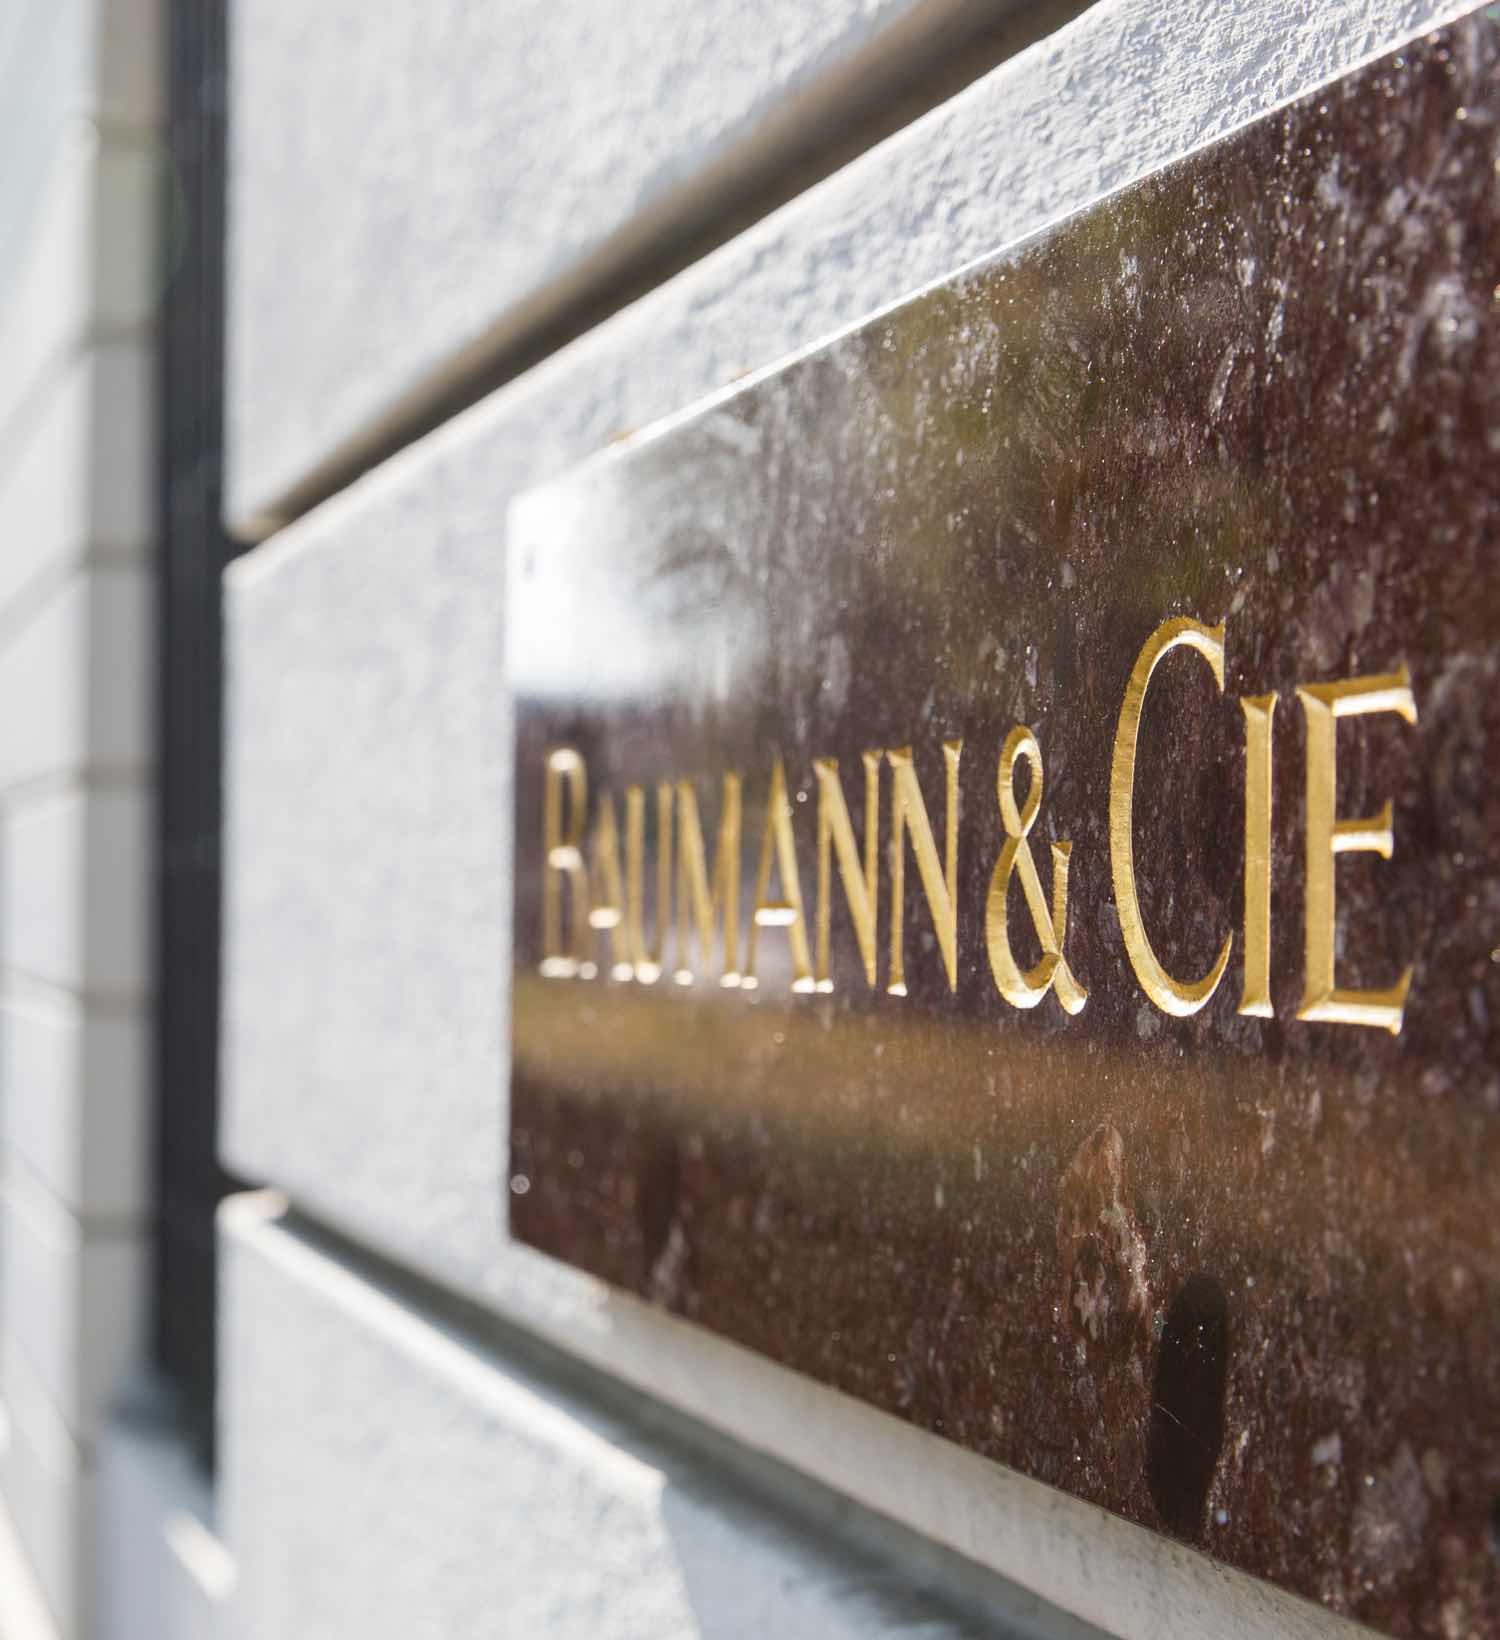 Steintafel mit eingraviertem Namen «Baumann & Cie» an der Hauswand